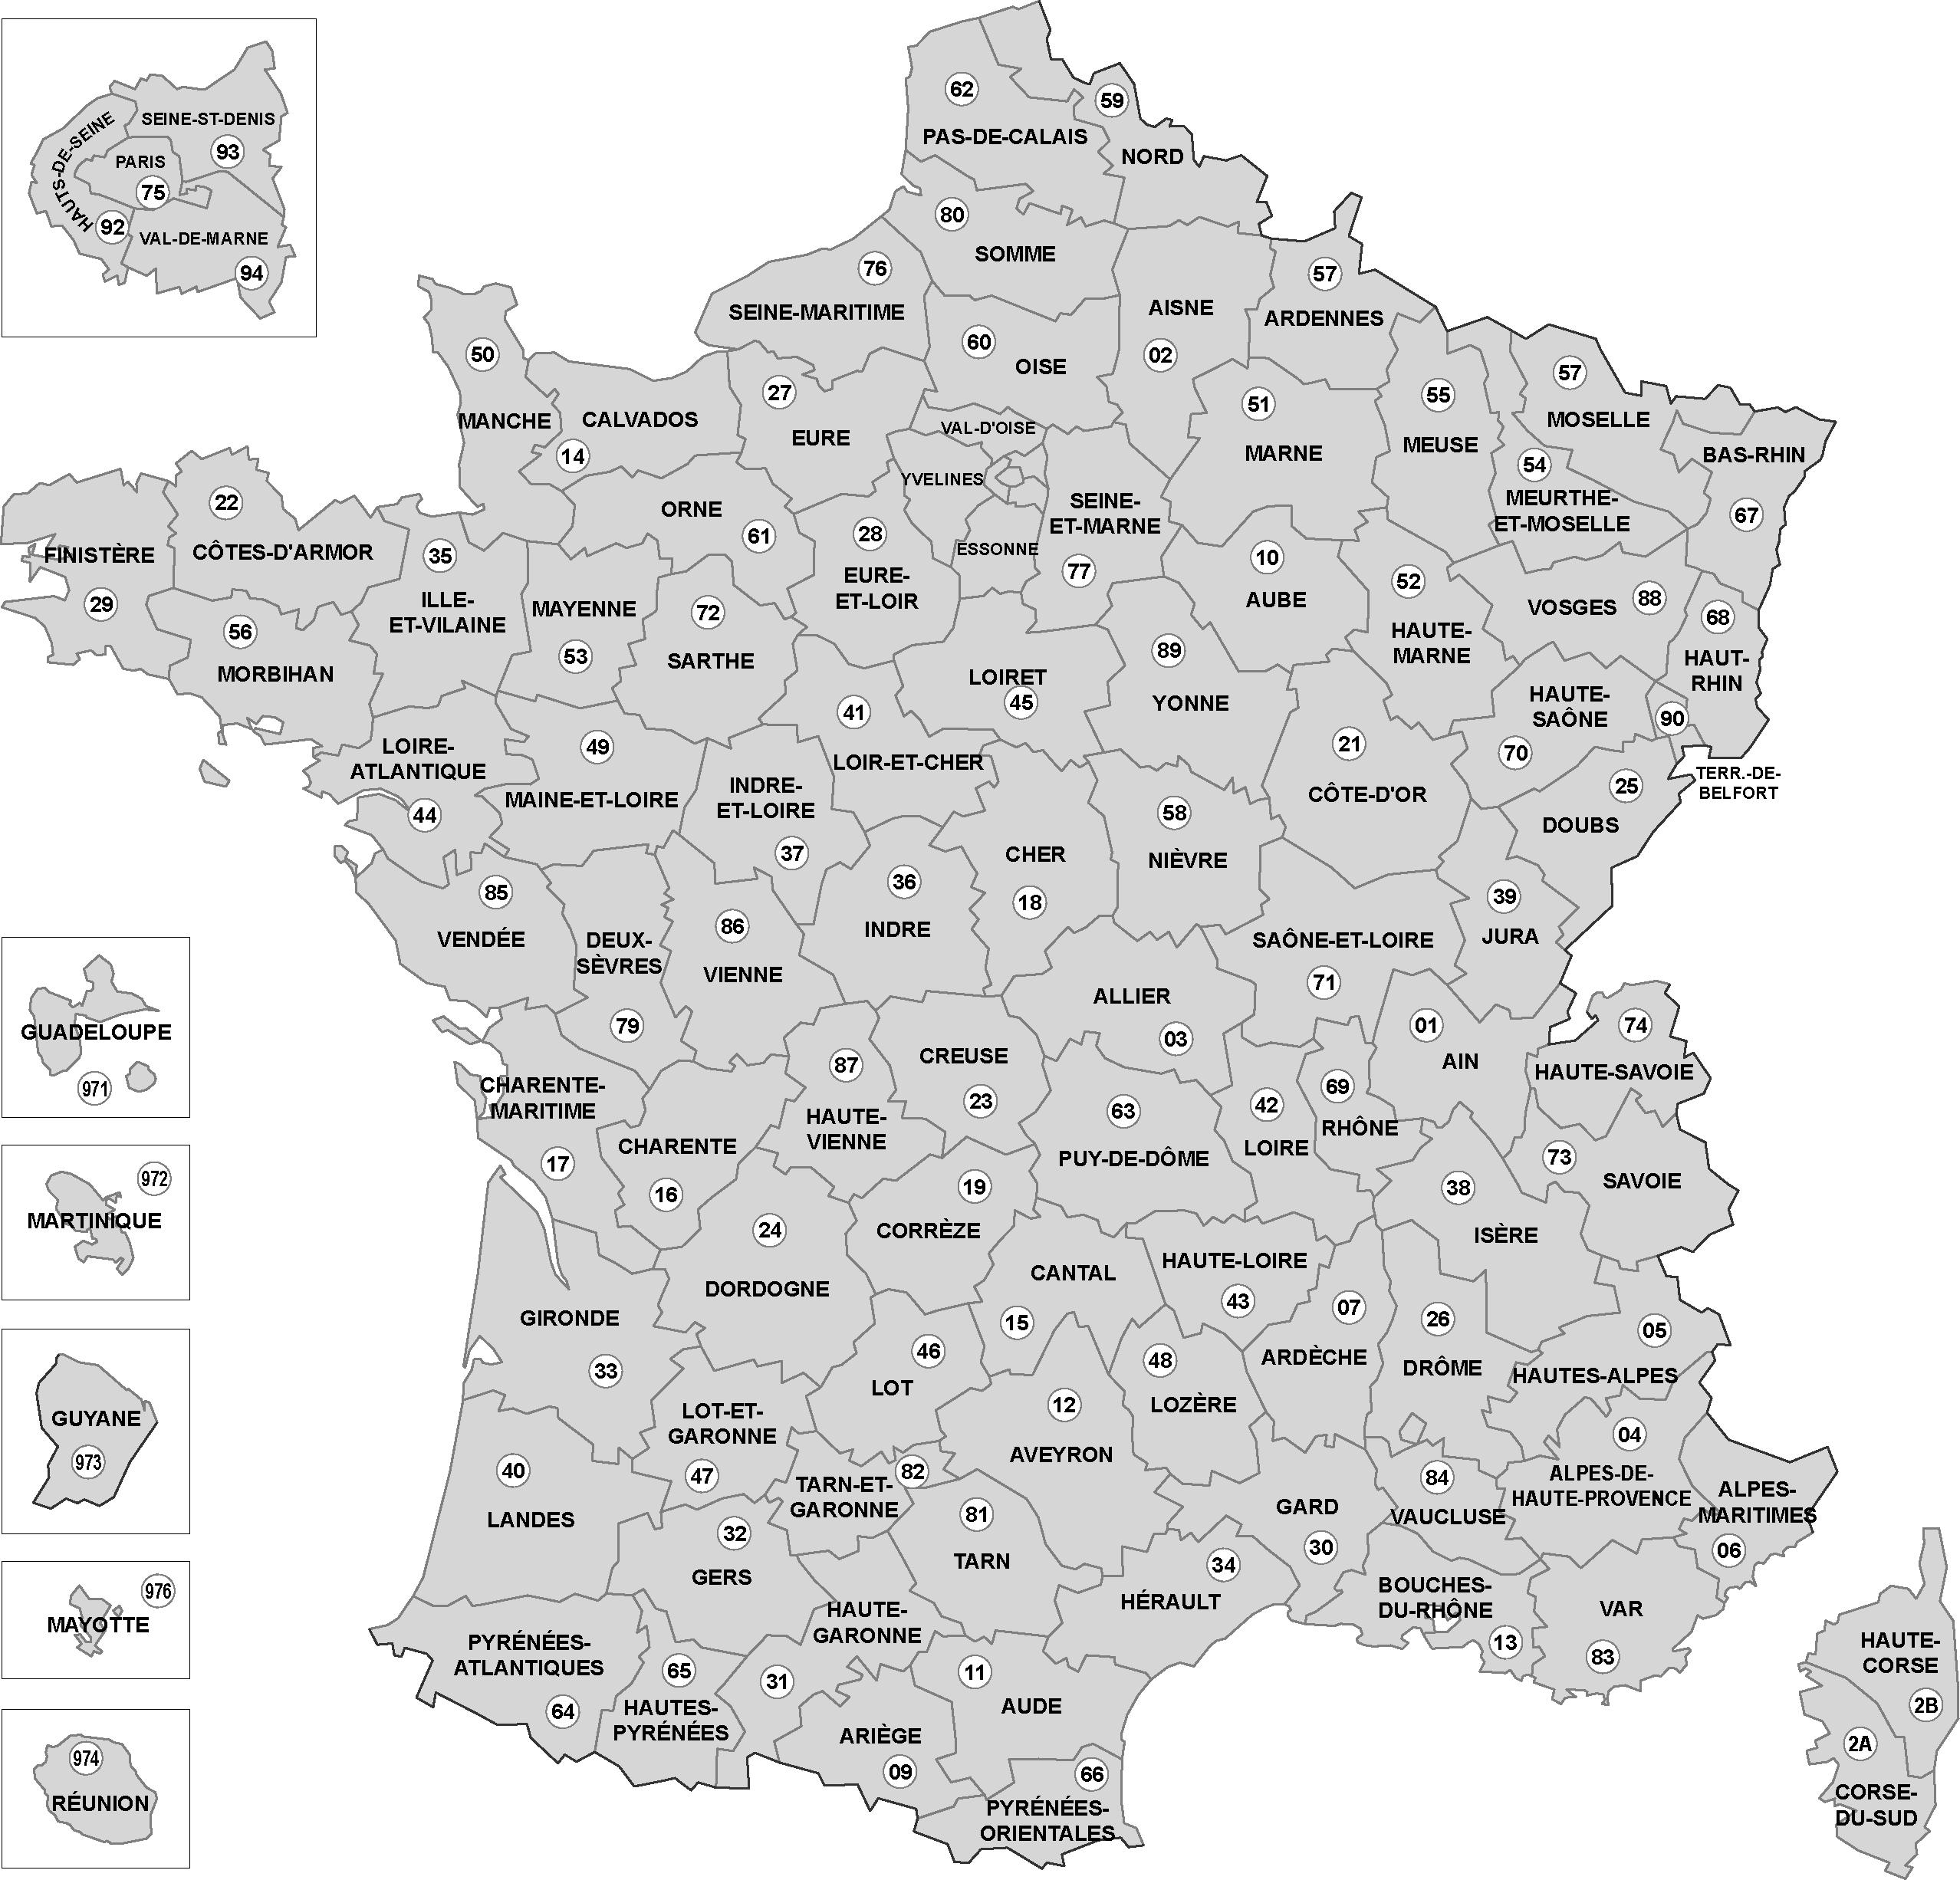 Cartes De France, Cartes Et Rmations Des Régions encequiconcerne Carte Departement Francais Avec Villes